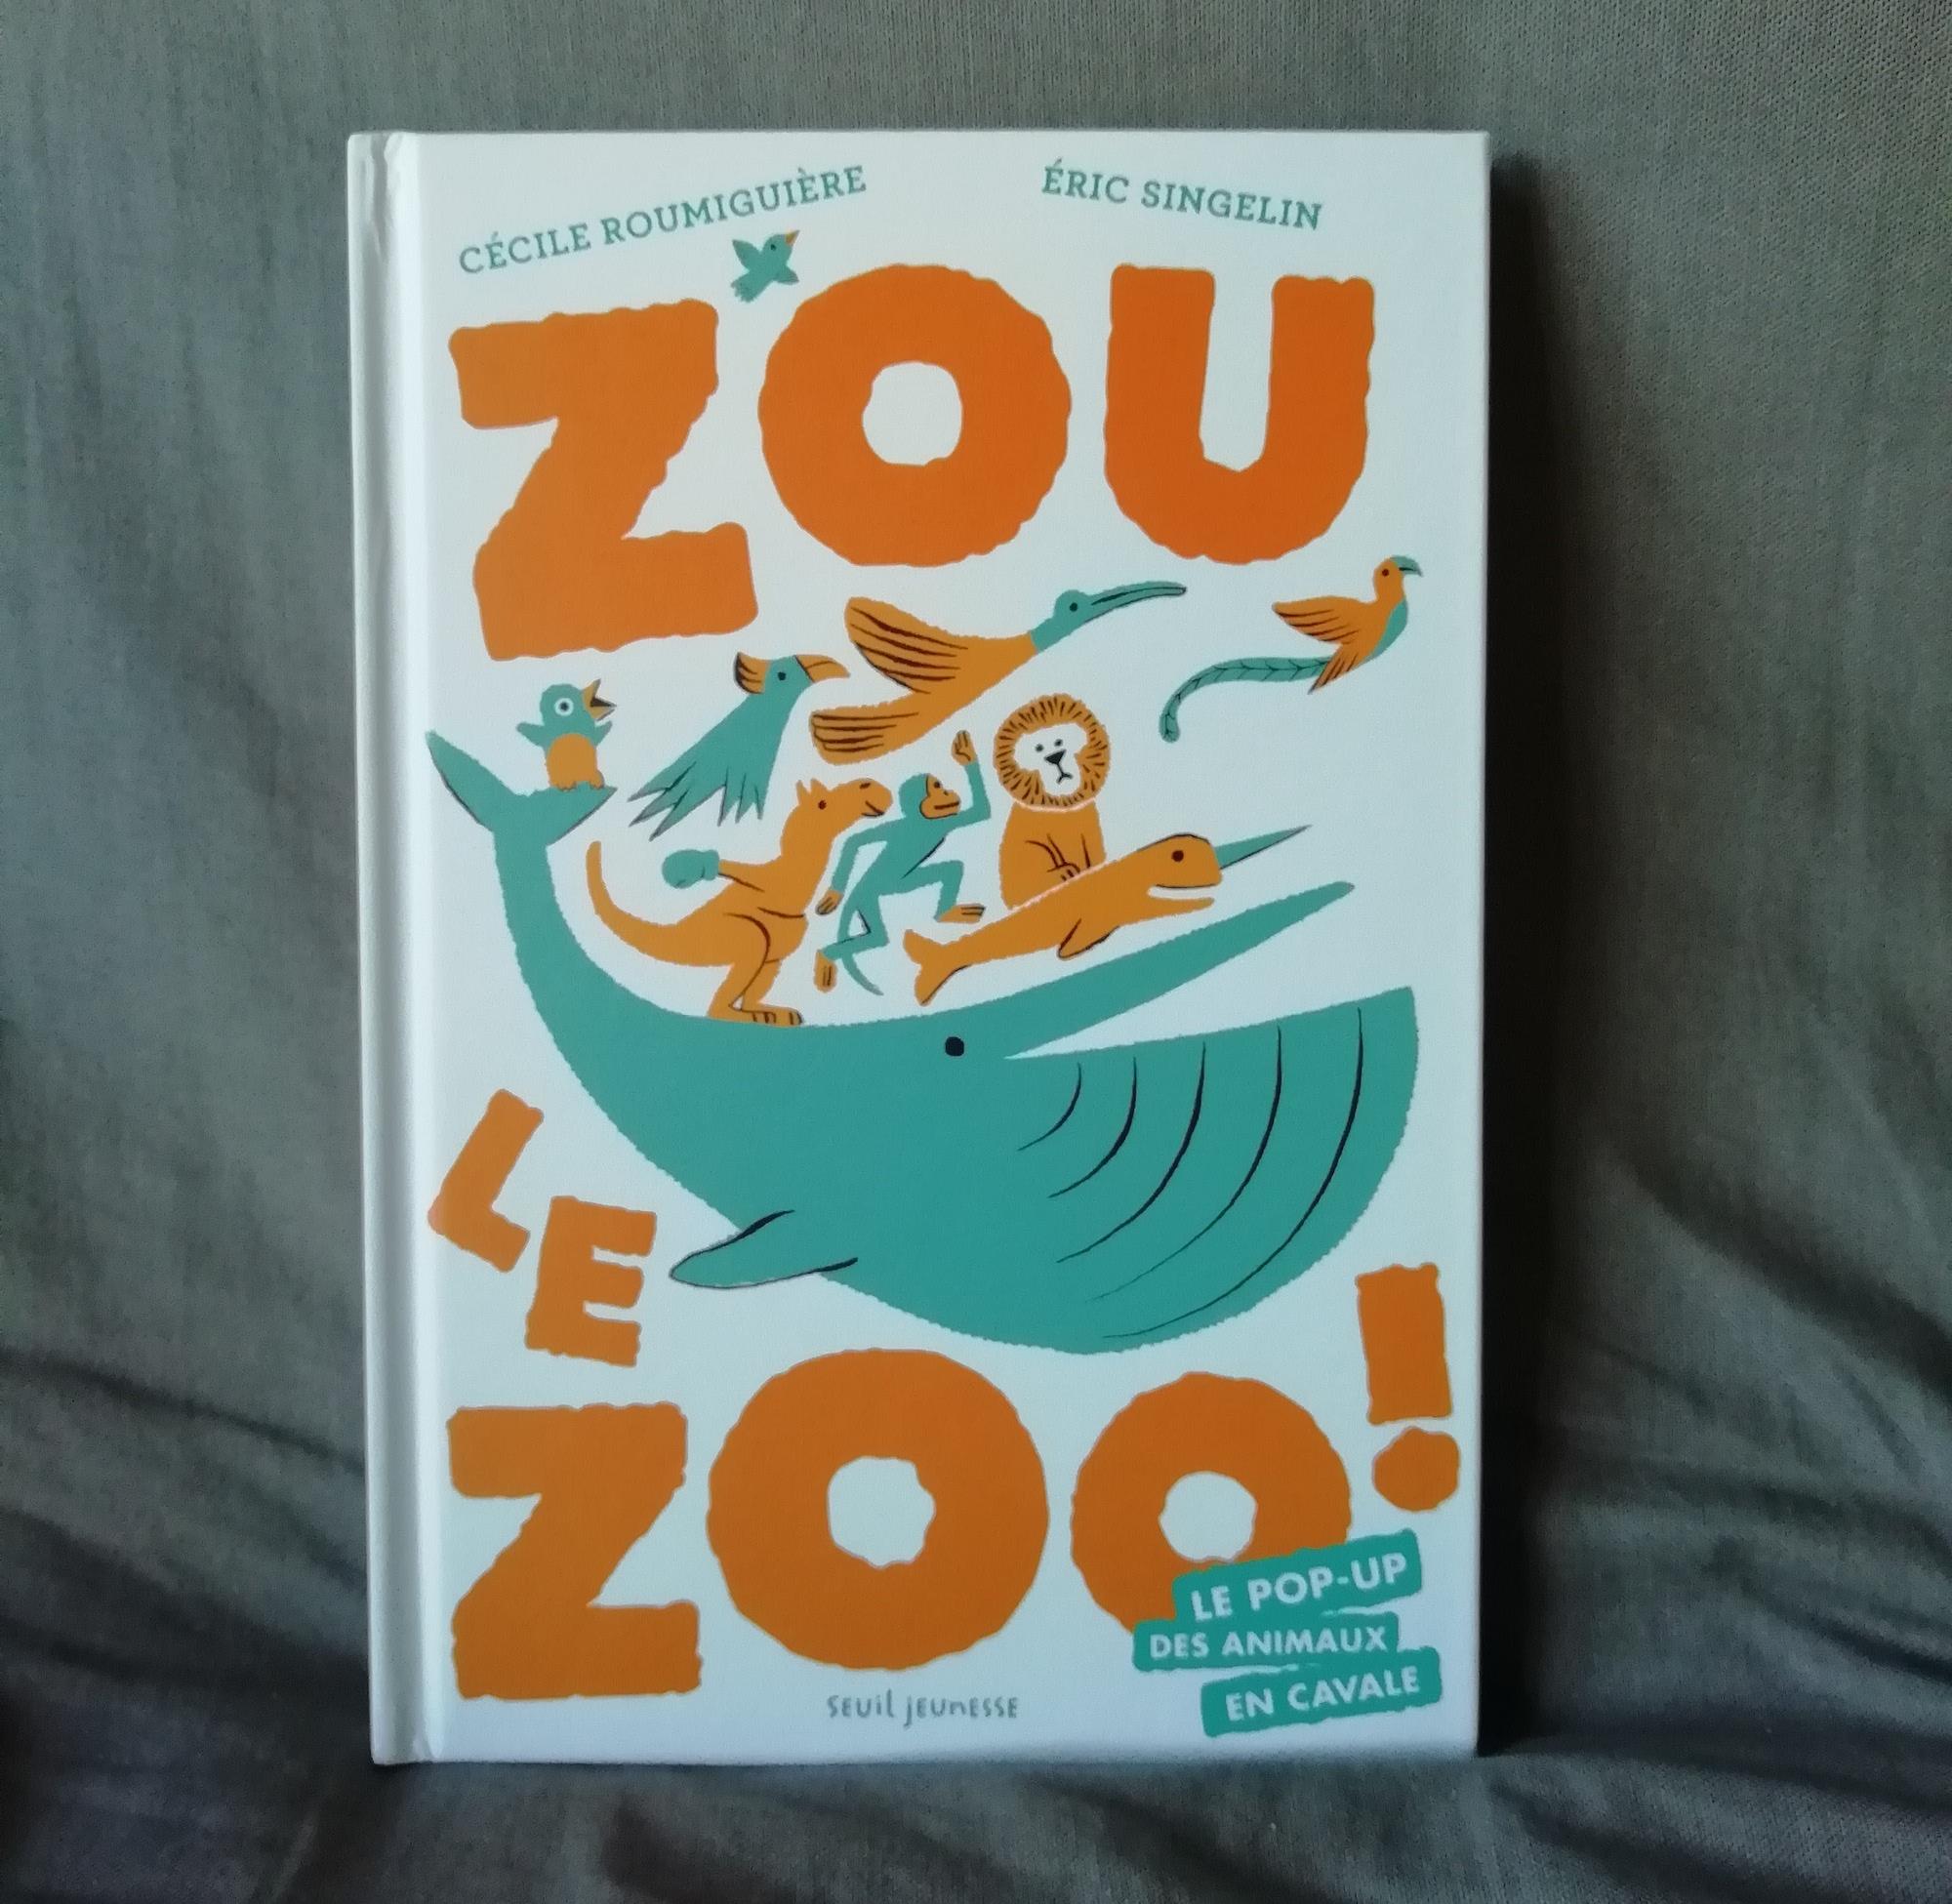 Zou Le Zoo Des Livres Des Livres Des Livres